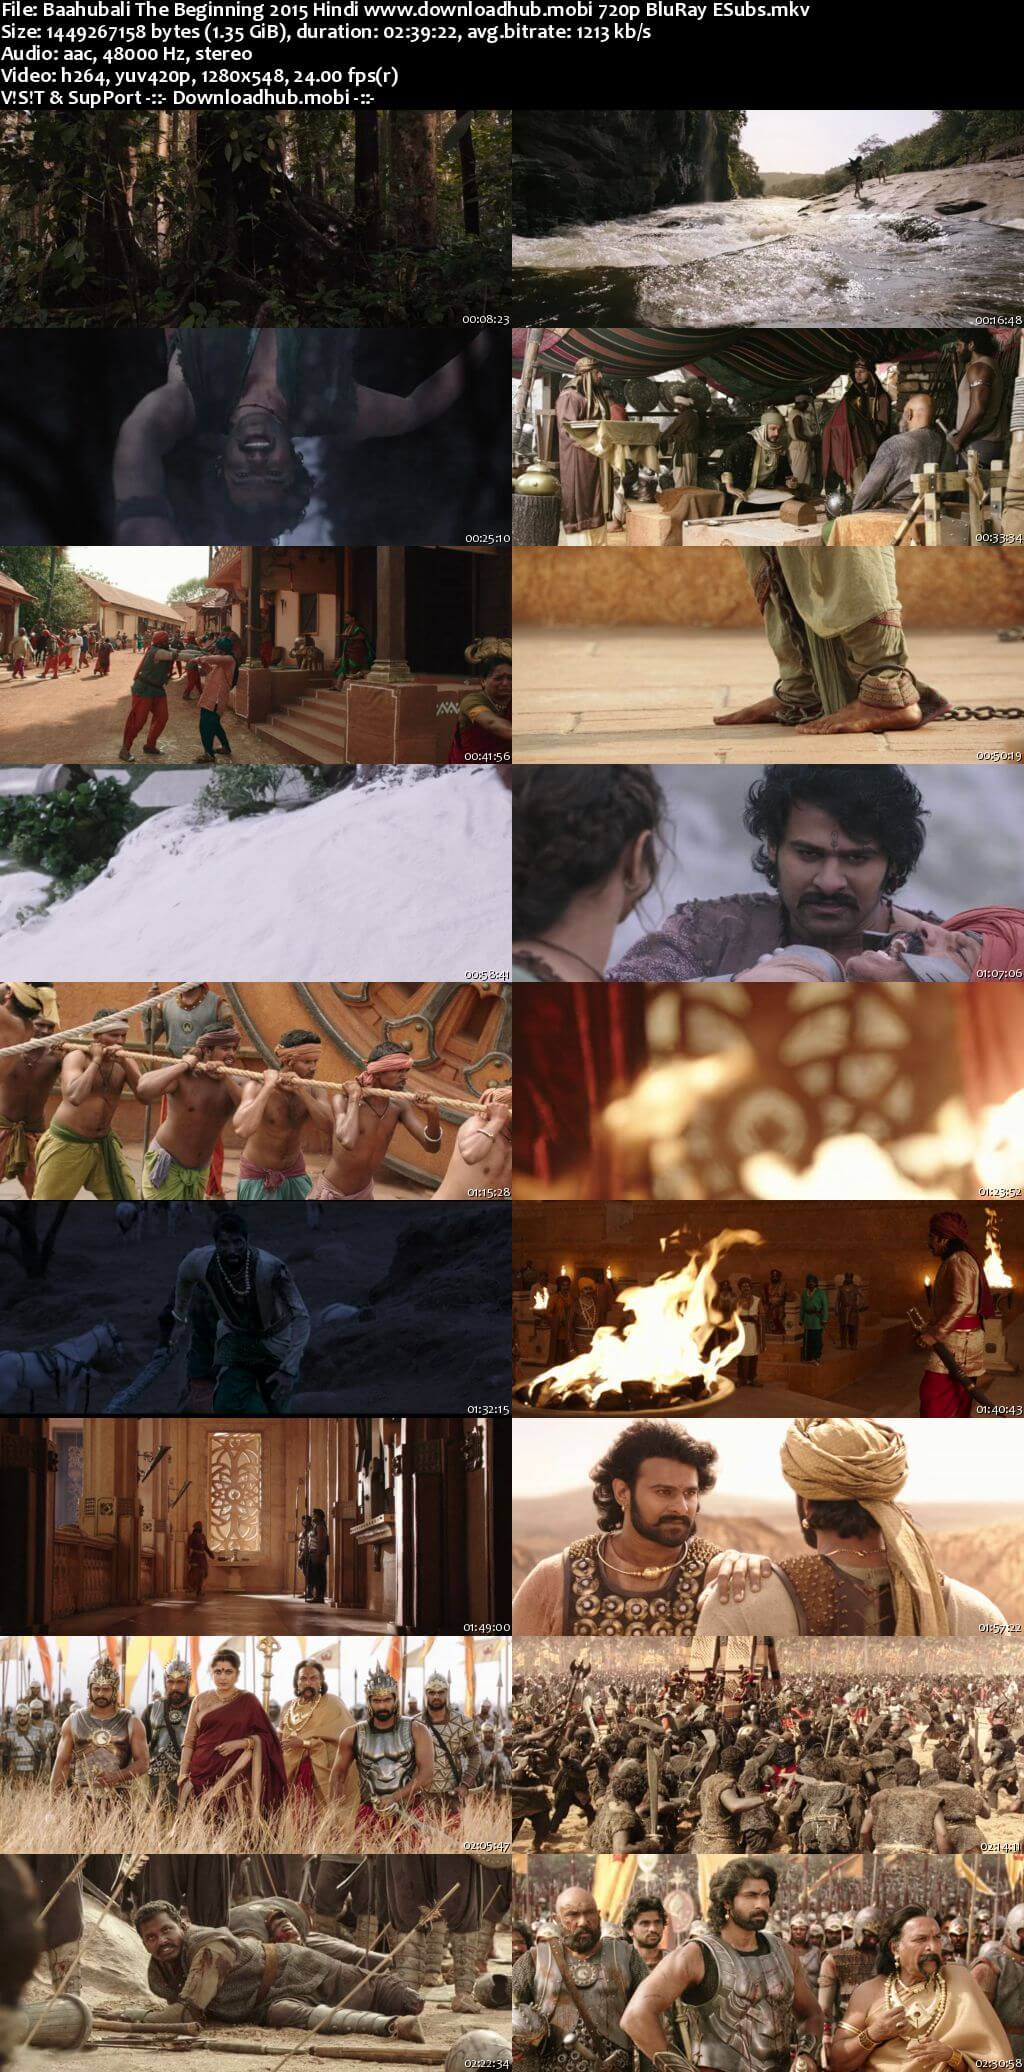 Baahubali The Beginning 2015 Hindi 720p BluRay ESubs